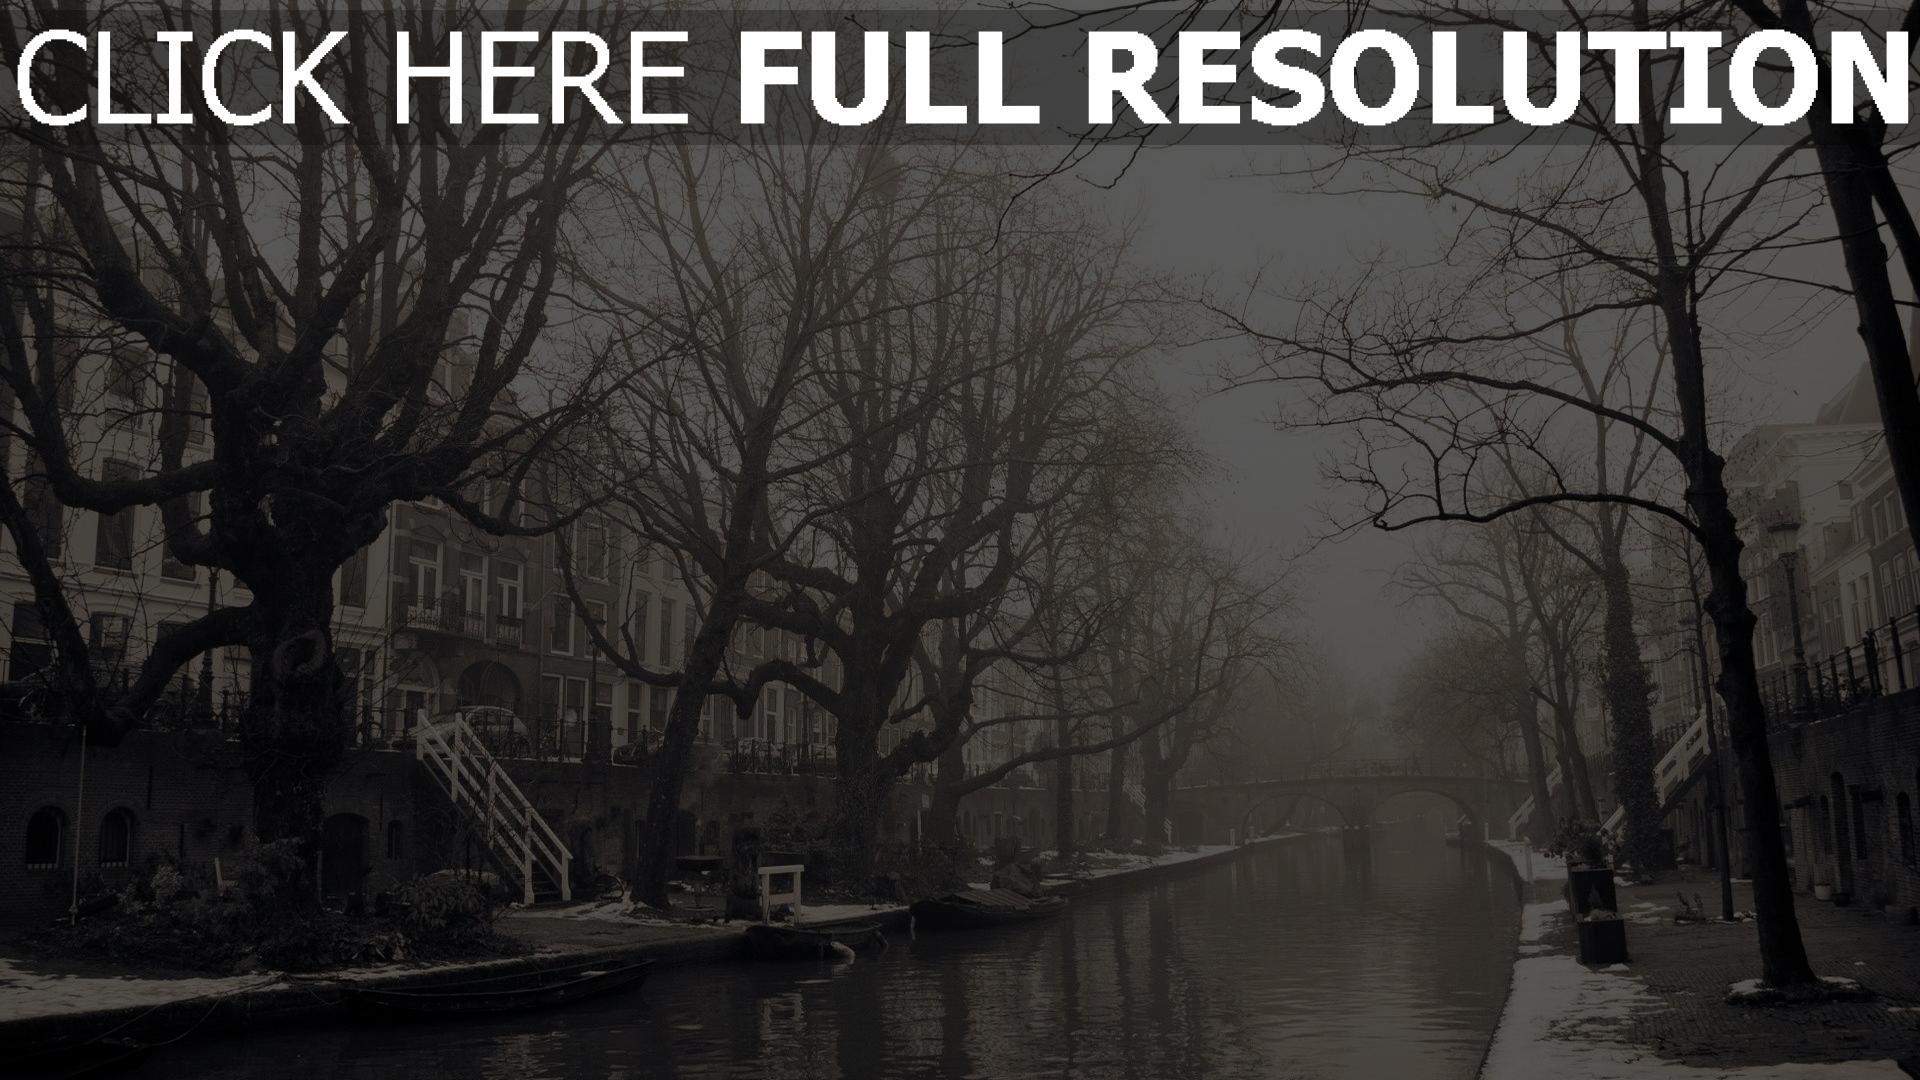 hd hintergrundbilder stadt nebel gebäude bäume melancholie stimmung 1920x1080